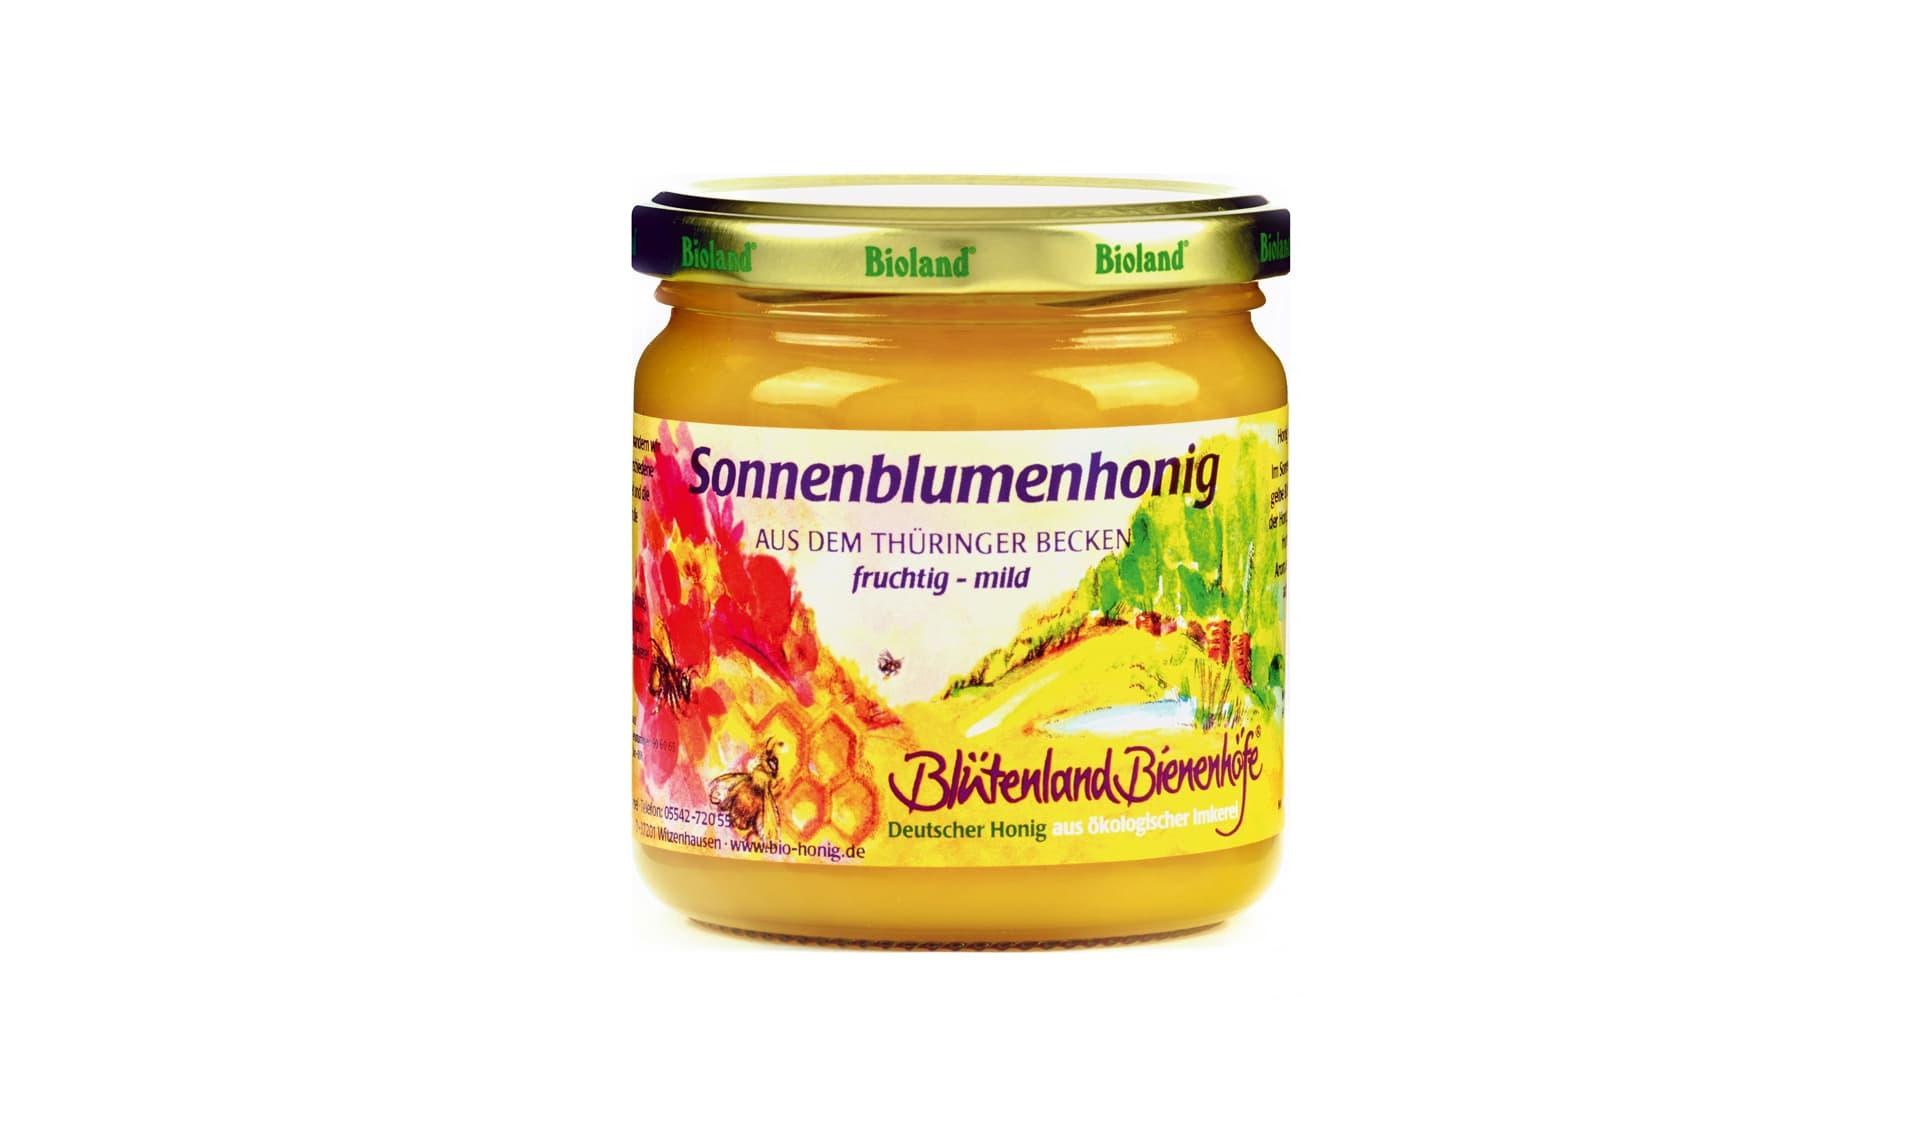 Blütenland Bienenhonige Sonnenblumenhonig aus dem Thüringer Becken (www.bio-honig.de)